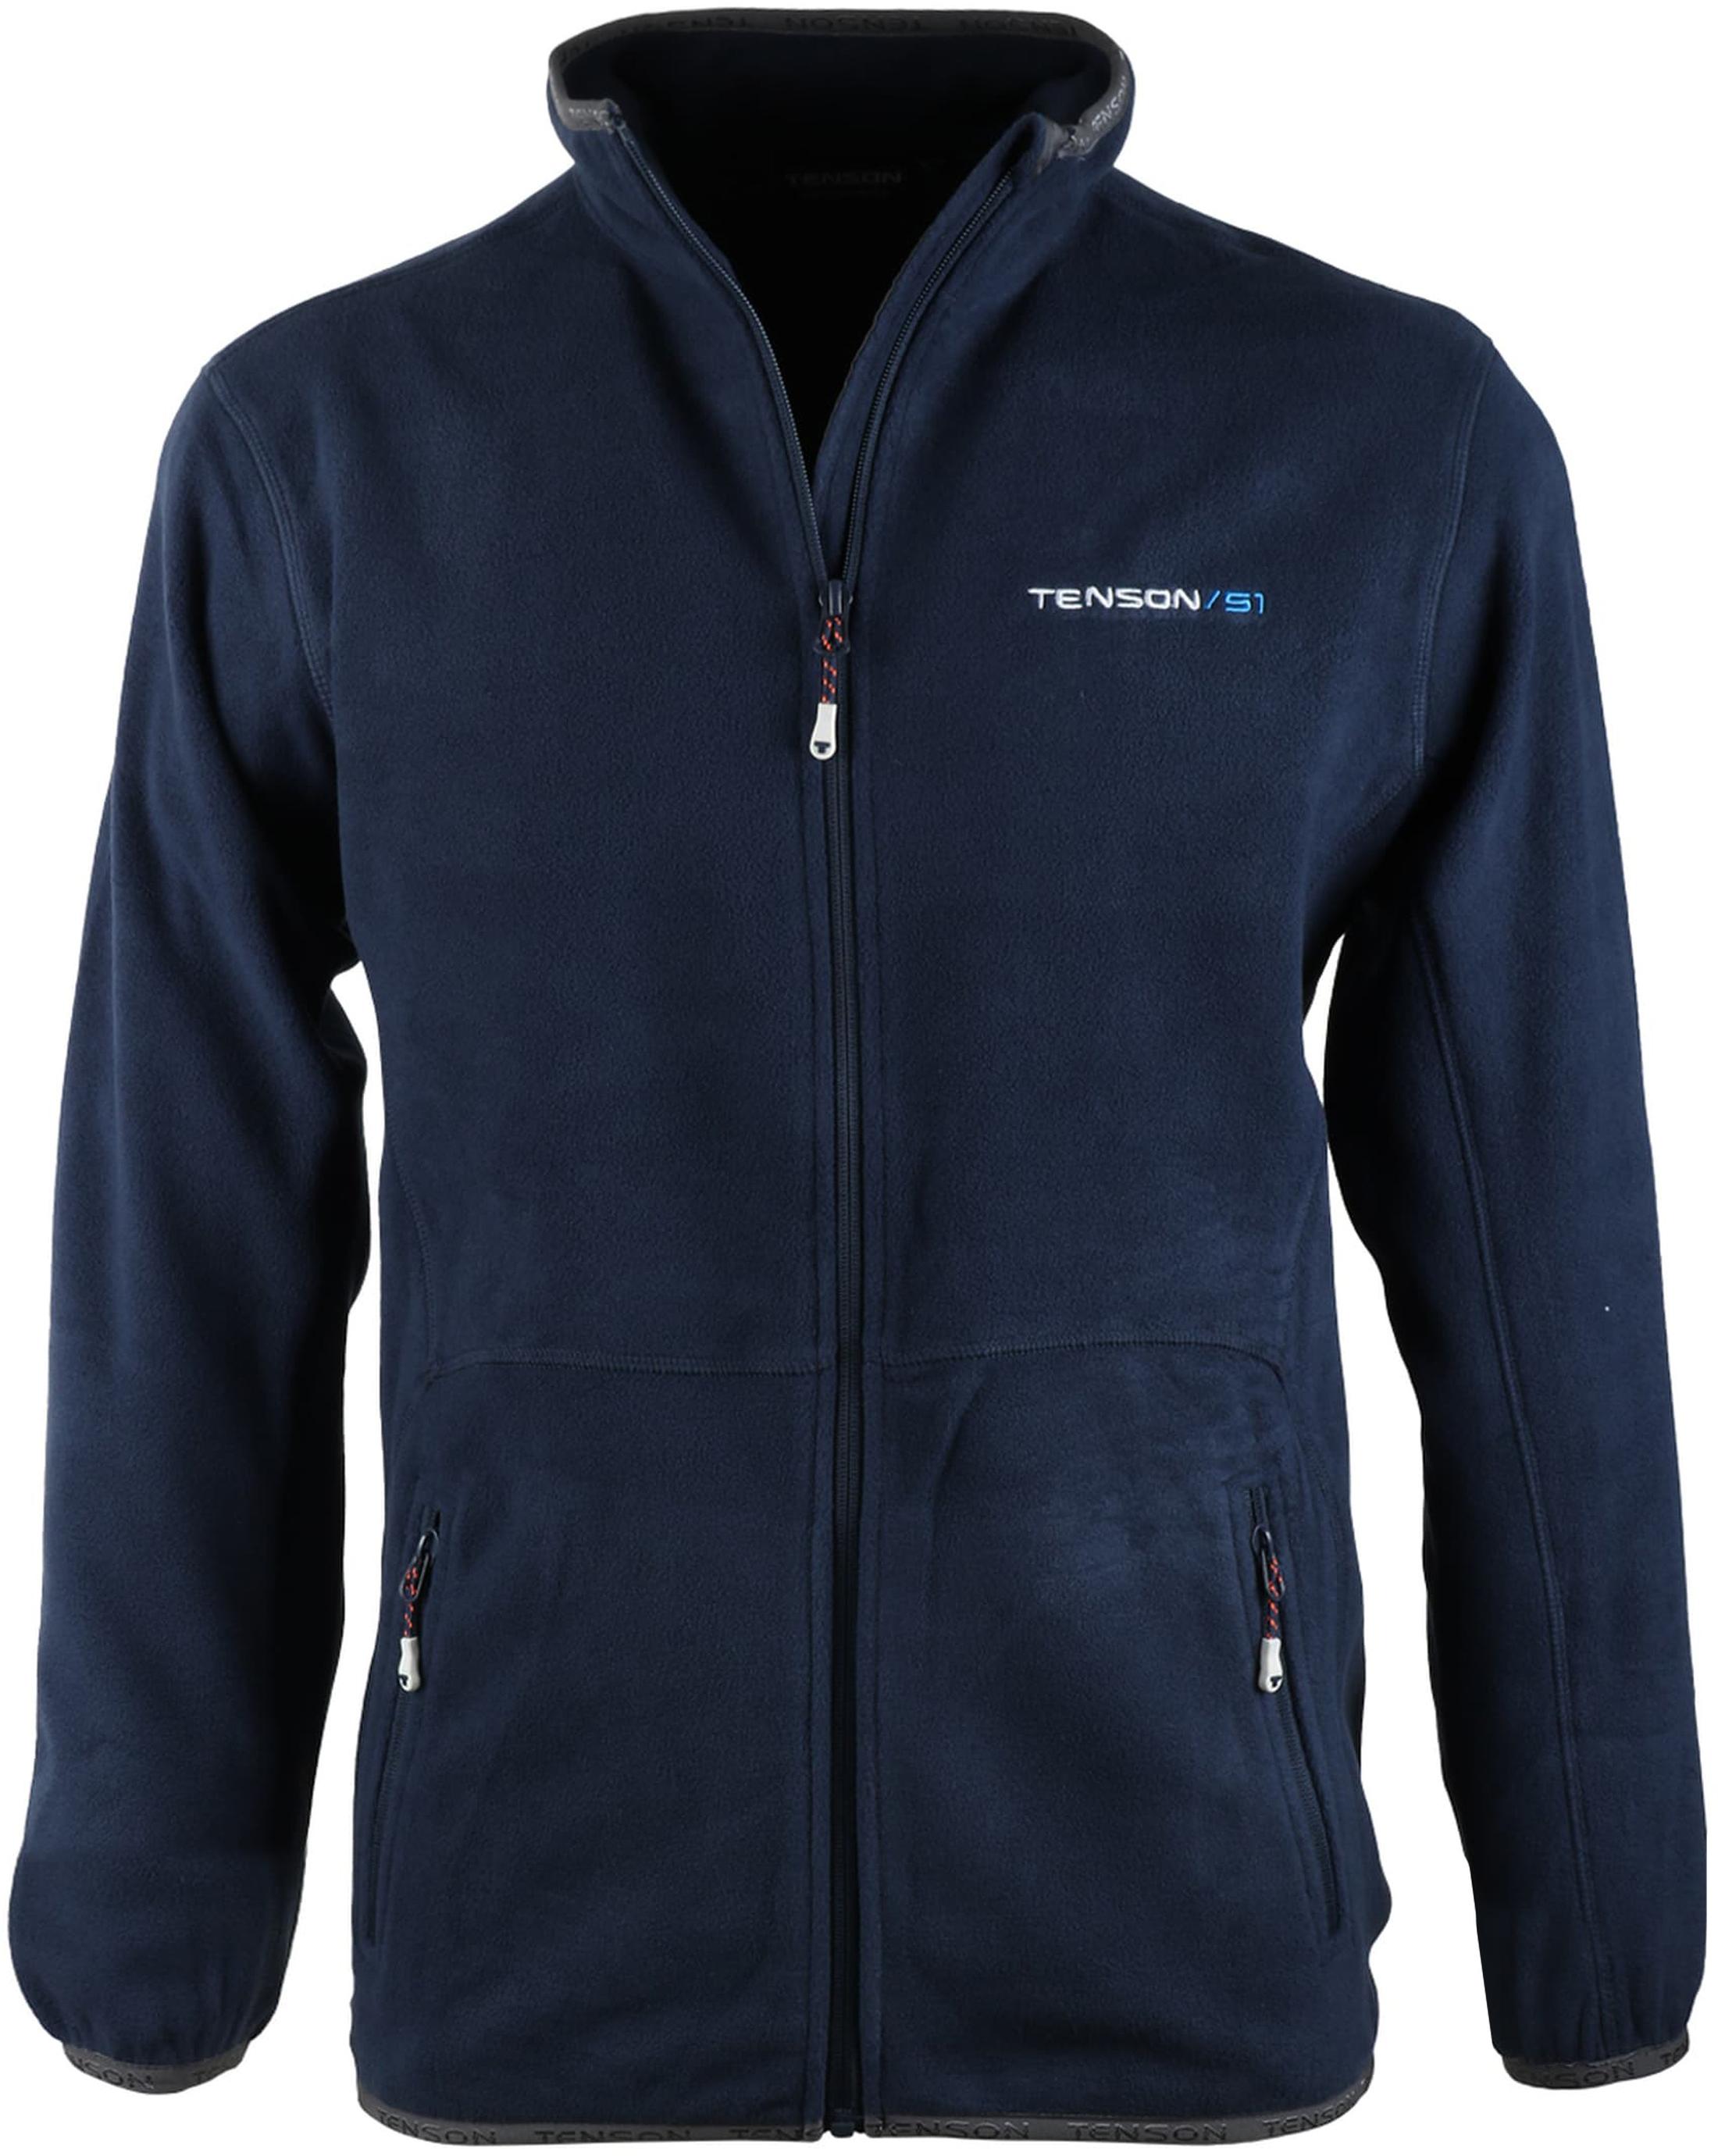 kwaliteit ontwerp nieuwste beste authentiek Tenson Fleece Vest Miller Navy 2752950-059